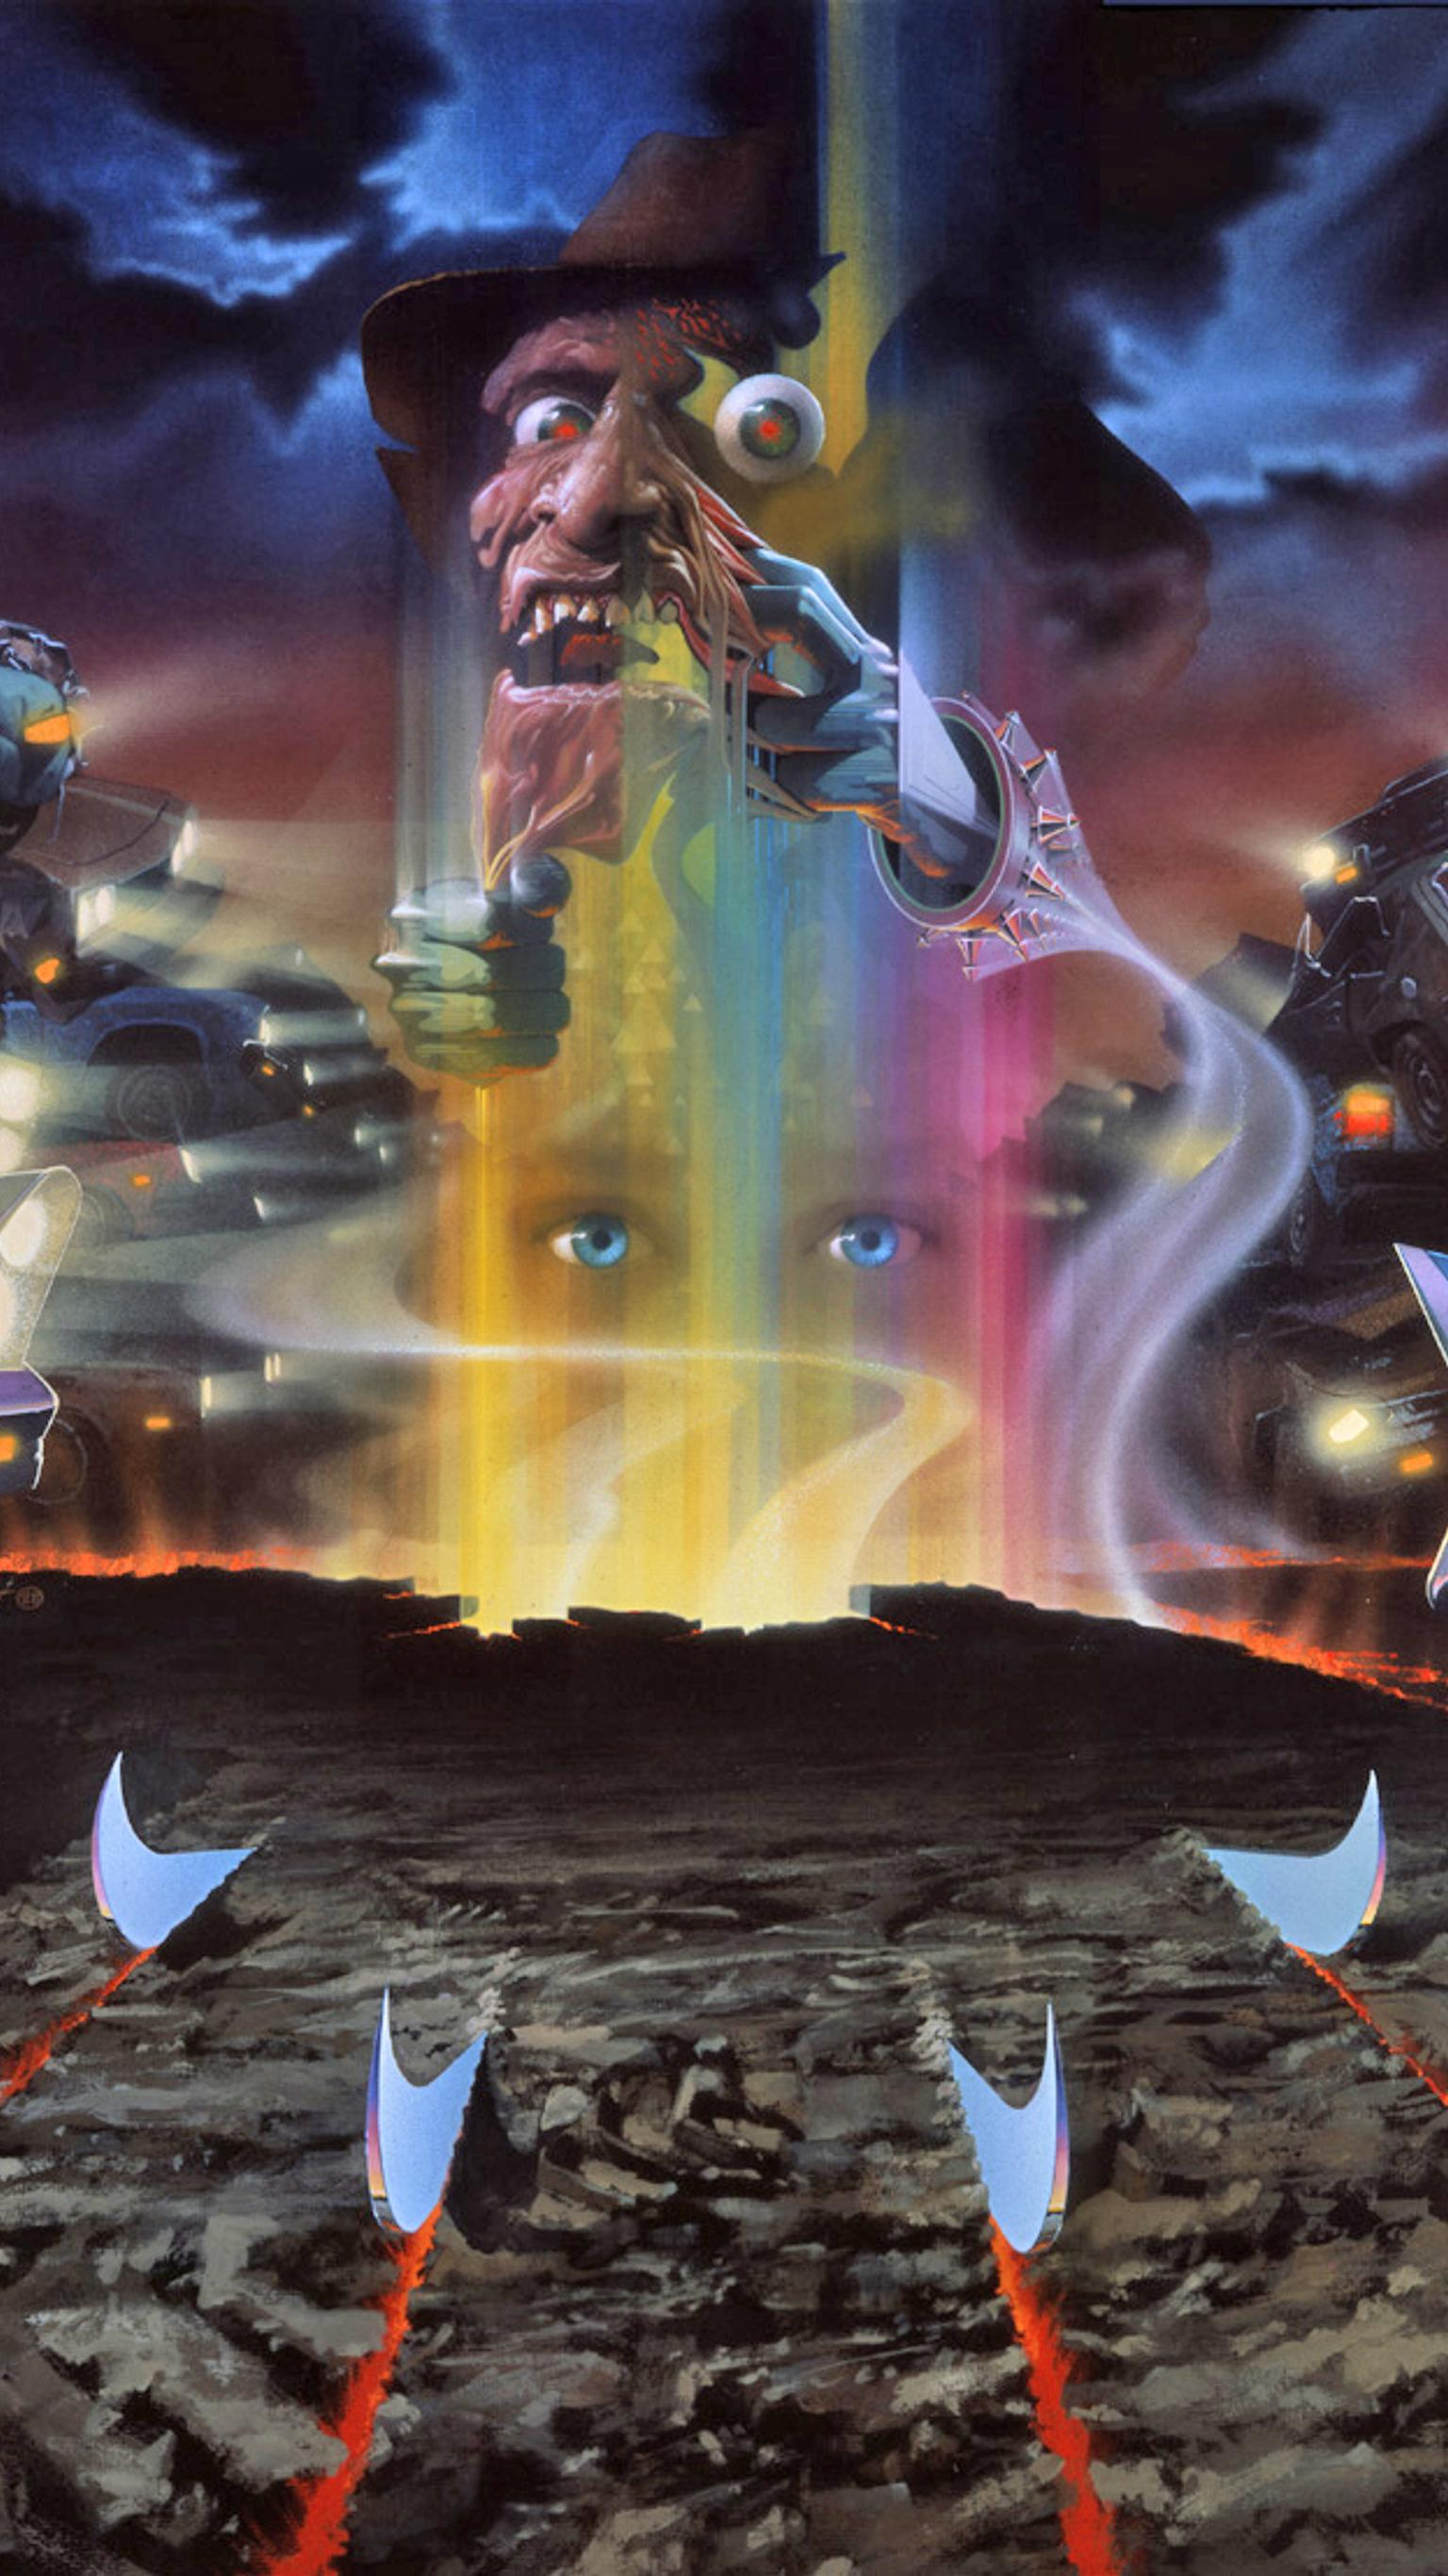 The Dream Master original artwork